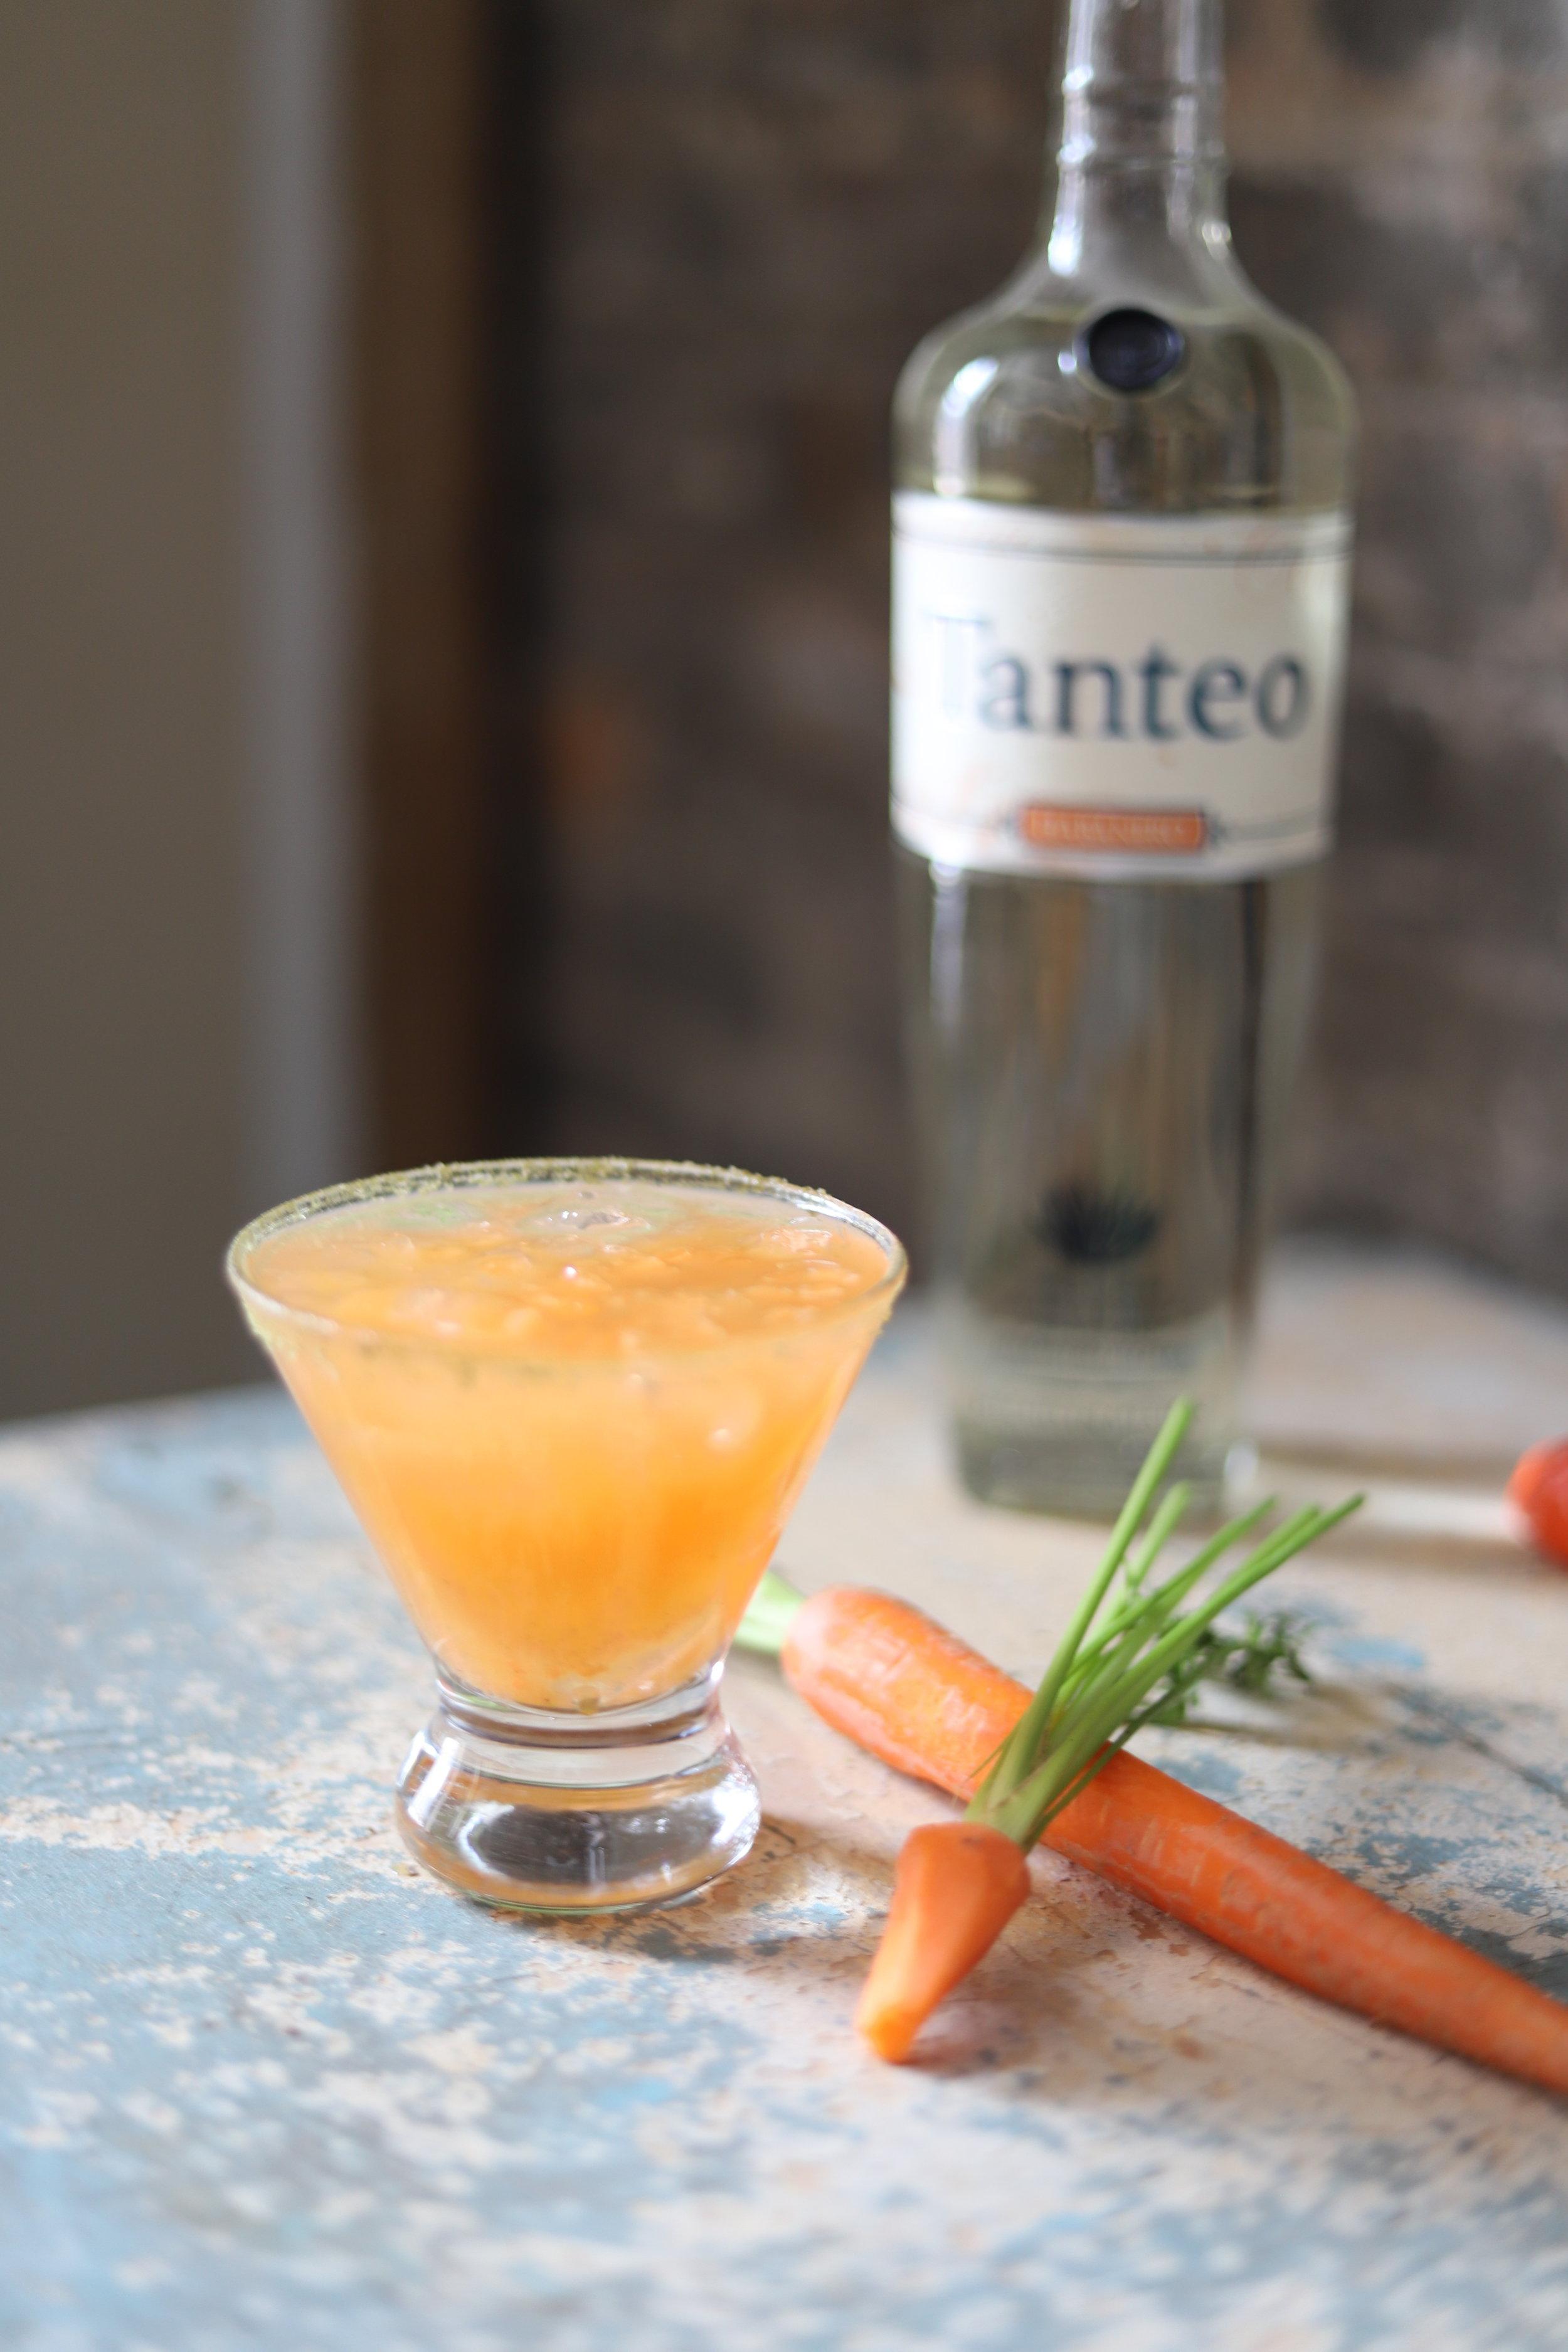 Recipe   2 oz. Tanteo Habanero Tequila  1.5 oz. Carrot Juice  1 oz. Fresh Lime Juice  ½ oz. Agave Nectar